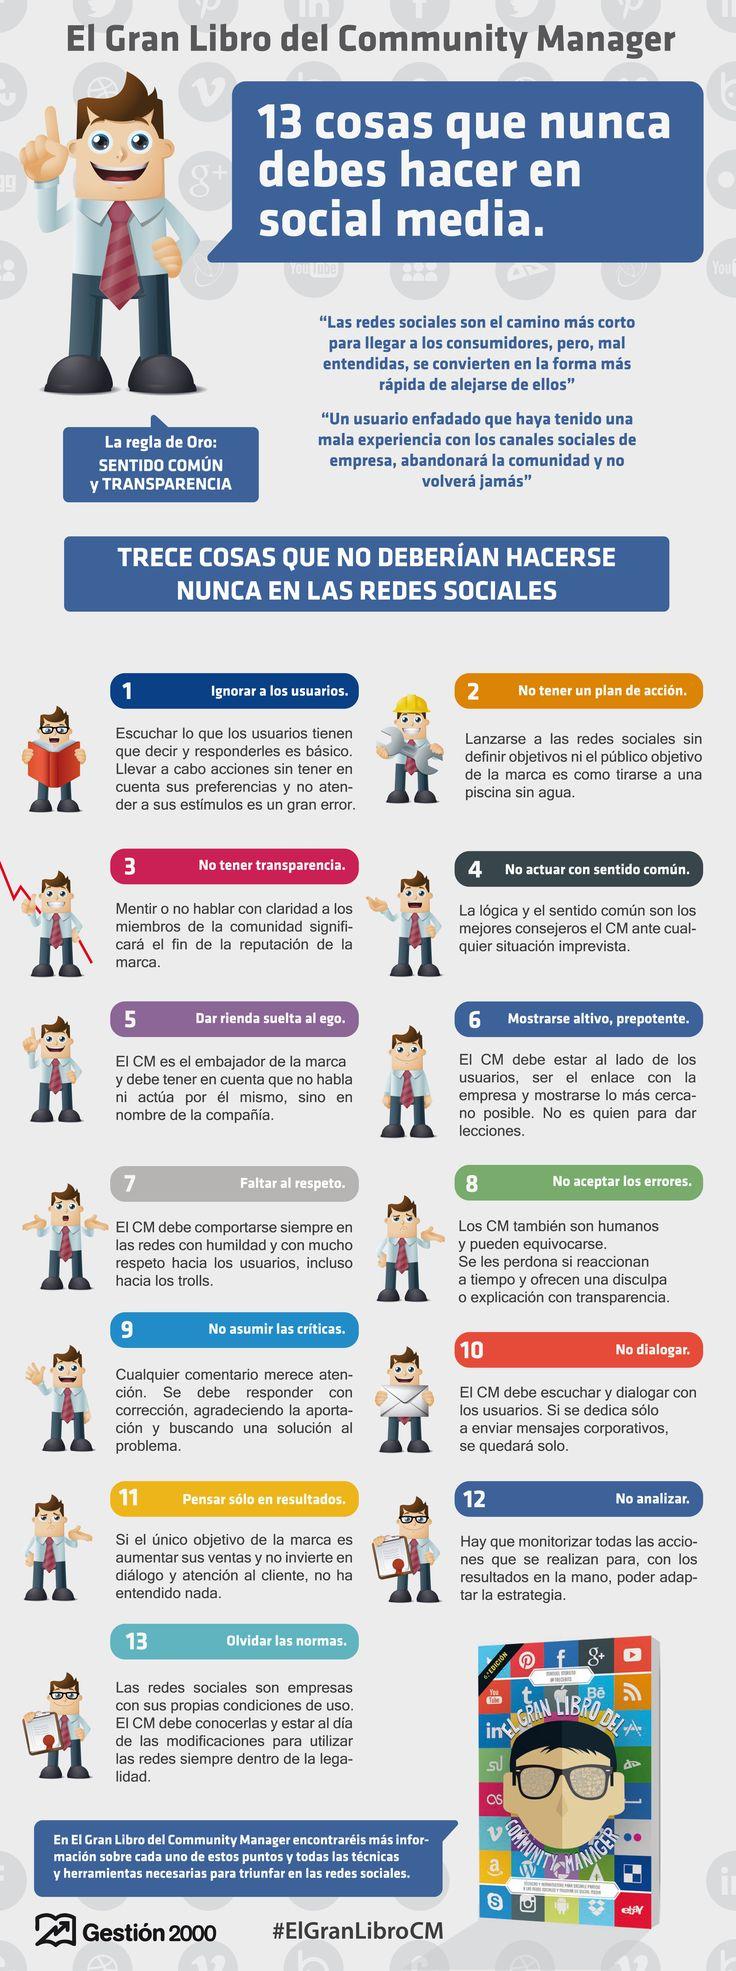 13 cosas que nunca debes hacer en #socialmedia #infografía #elgranlibroCM